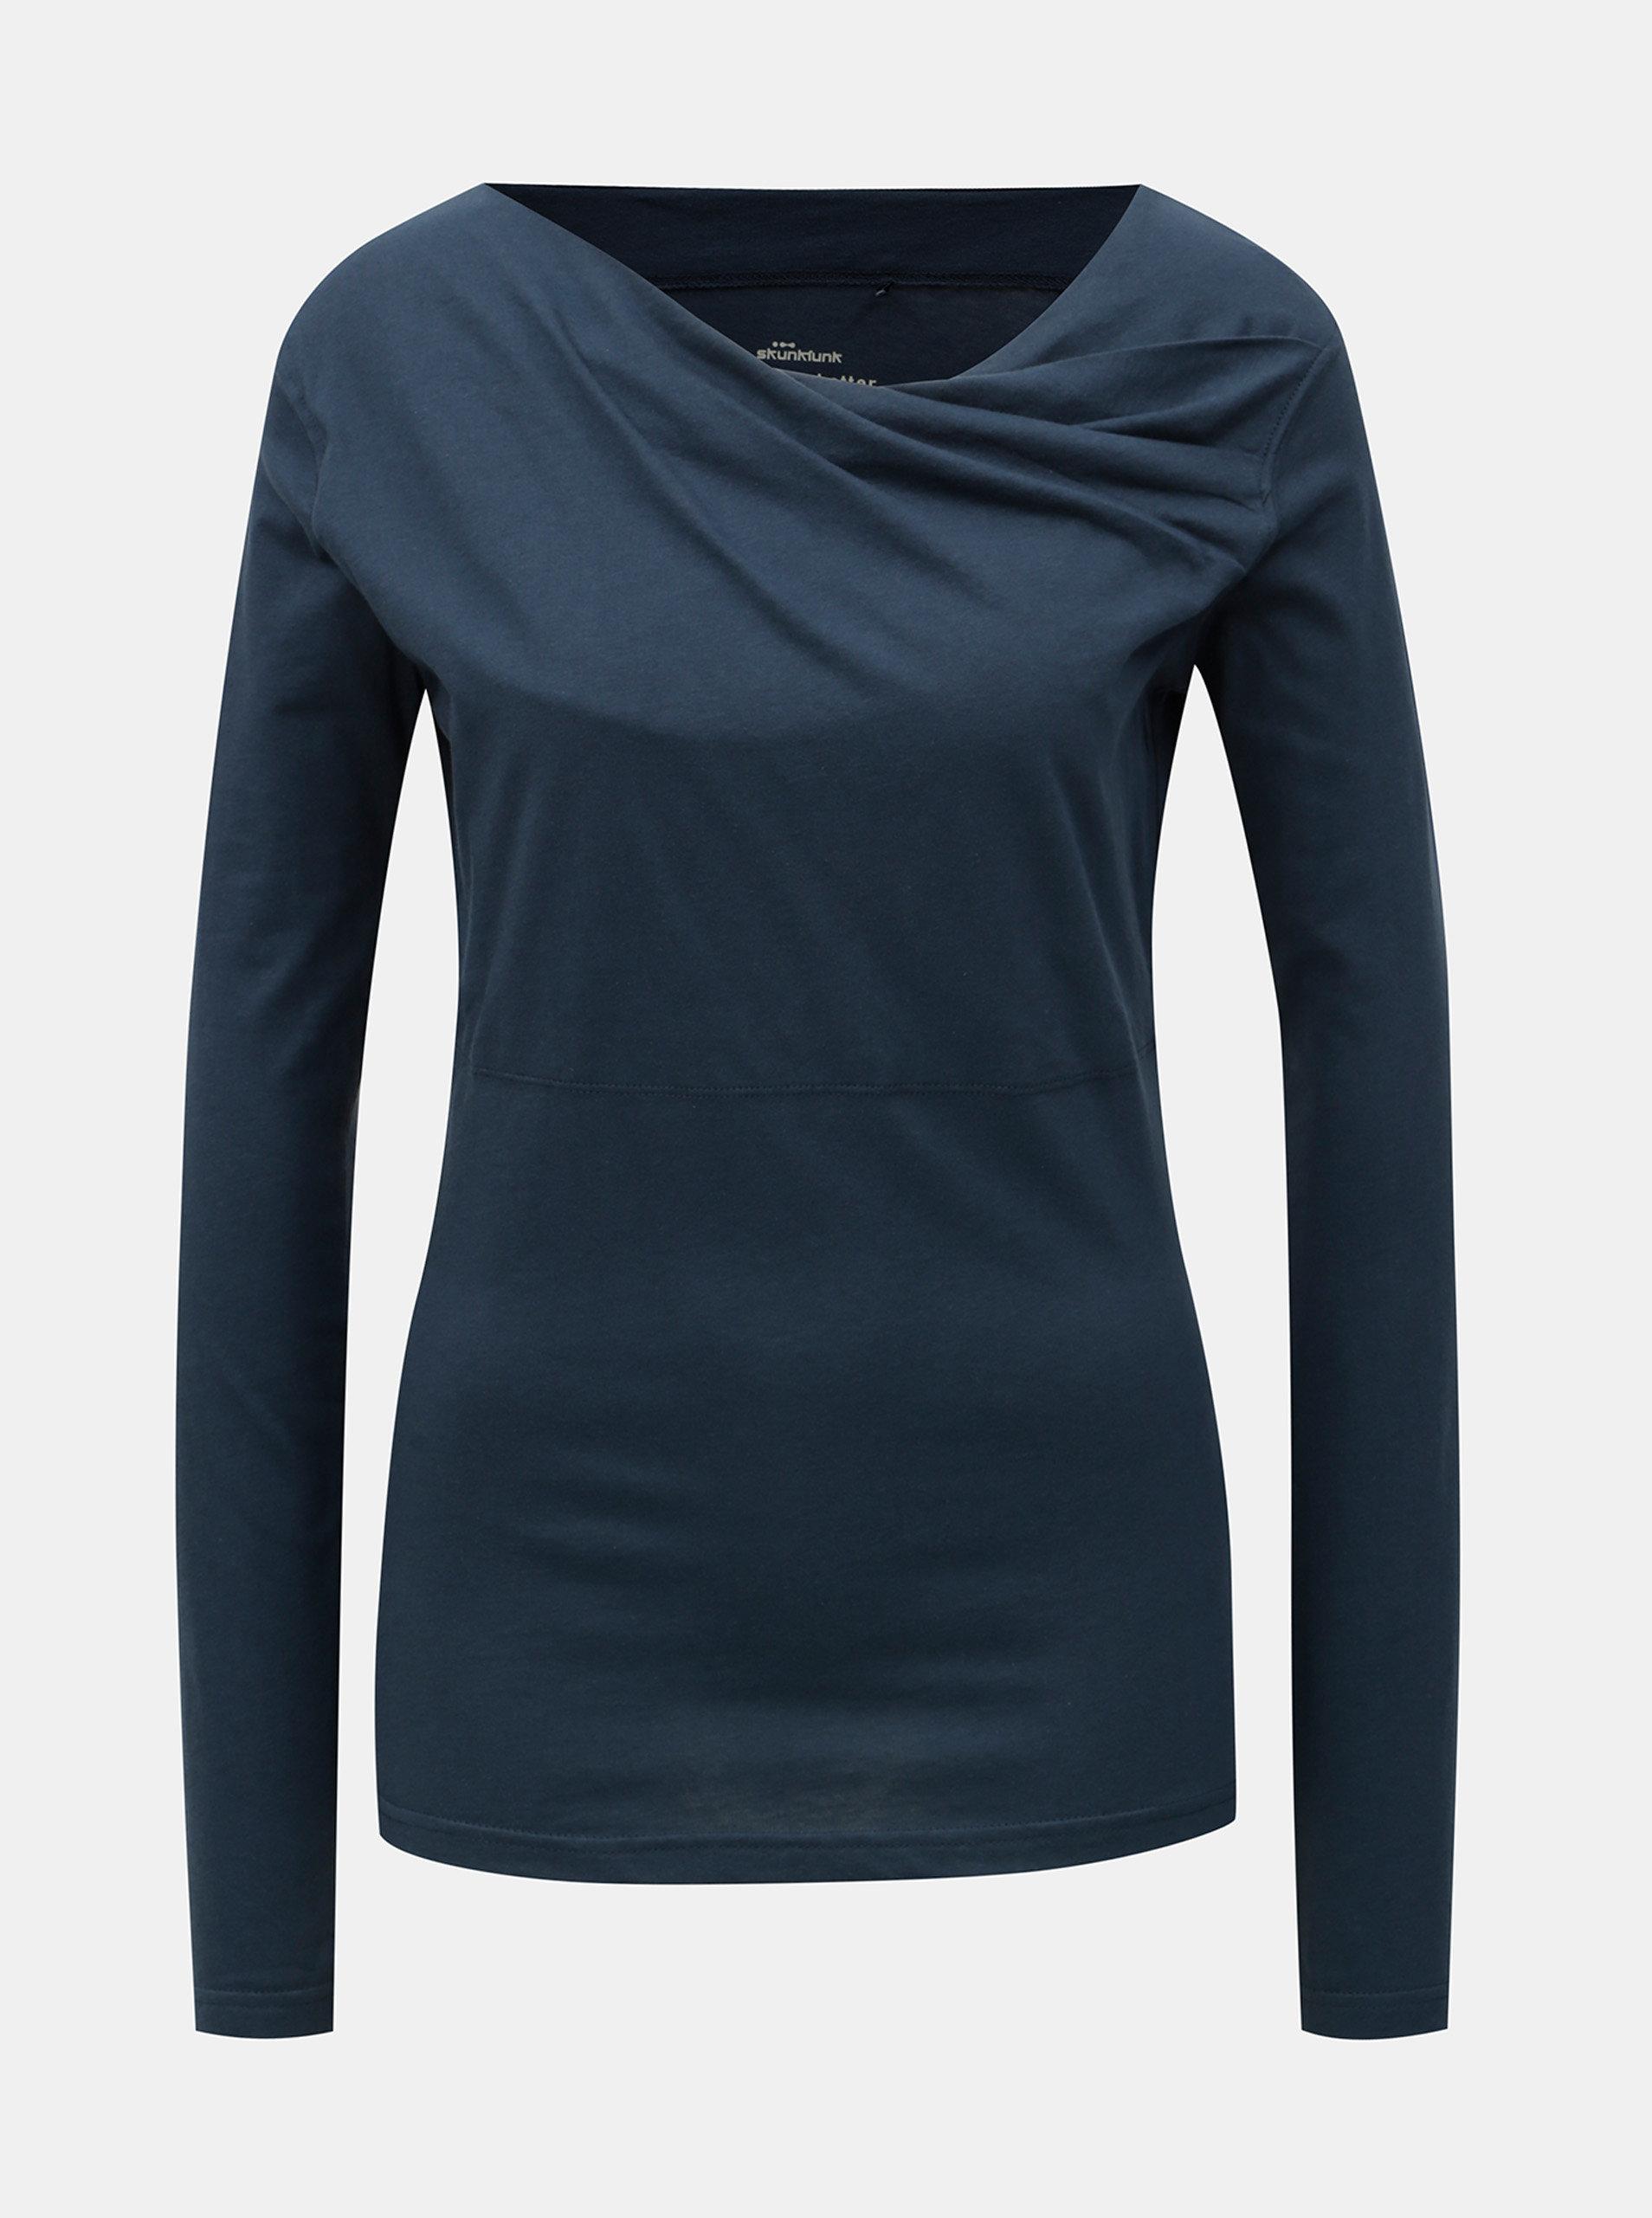 Tmavě modré tričko s dlouhým rukávem SKFK Bi